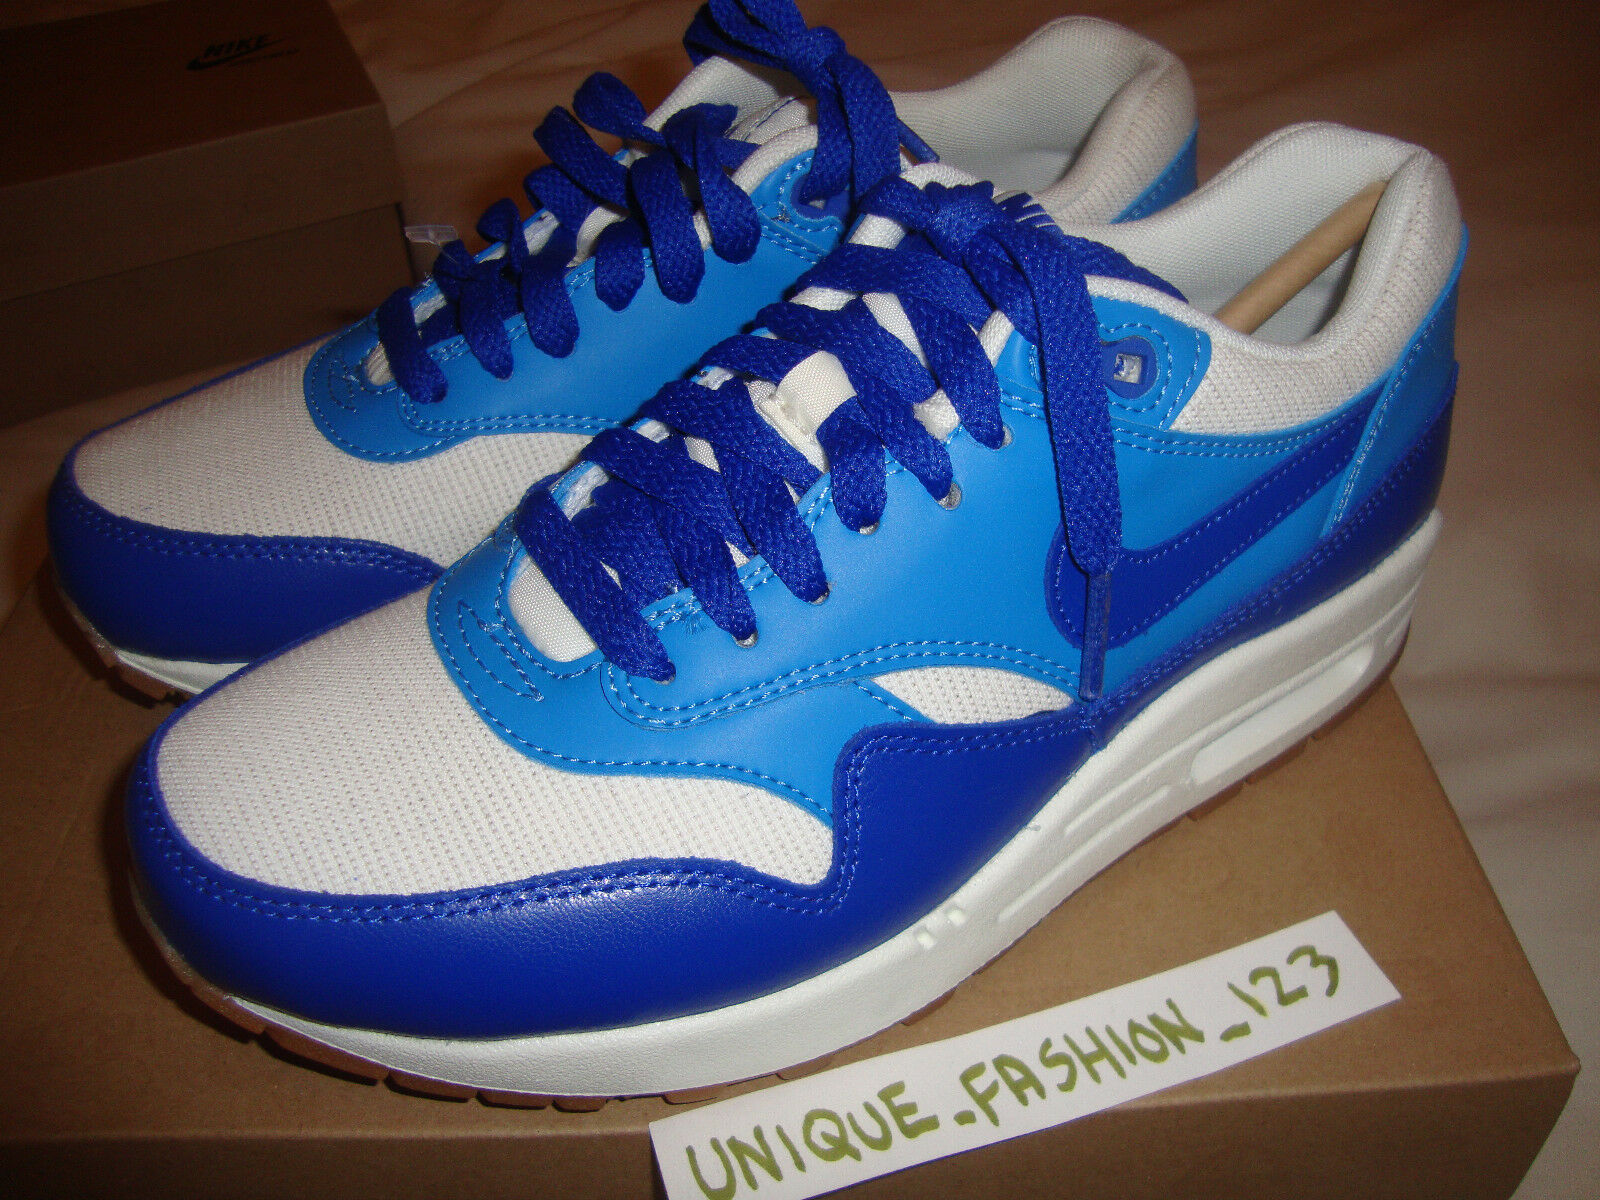 Wmns Nike Air Max 1 Vintage Hyper bleu US 8 UK 5.5 39 555284 -105 APC Liberty VT